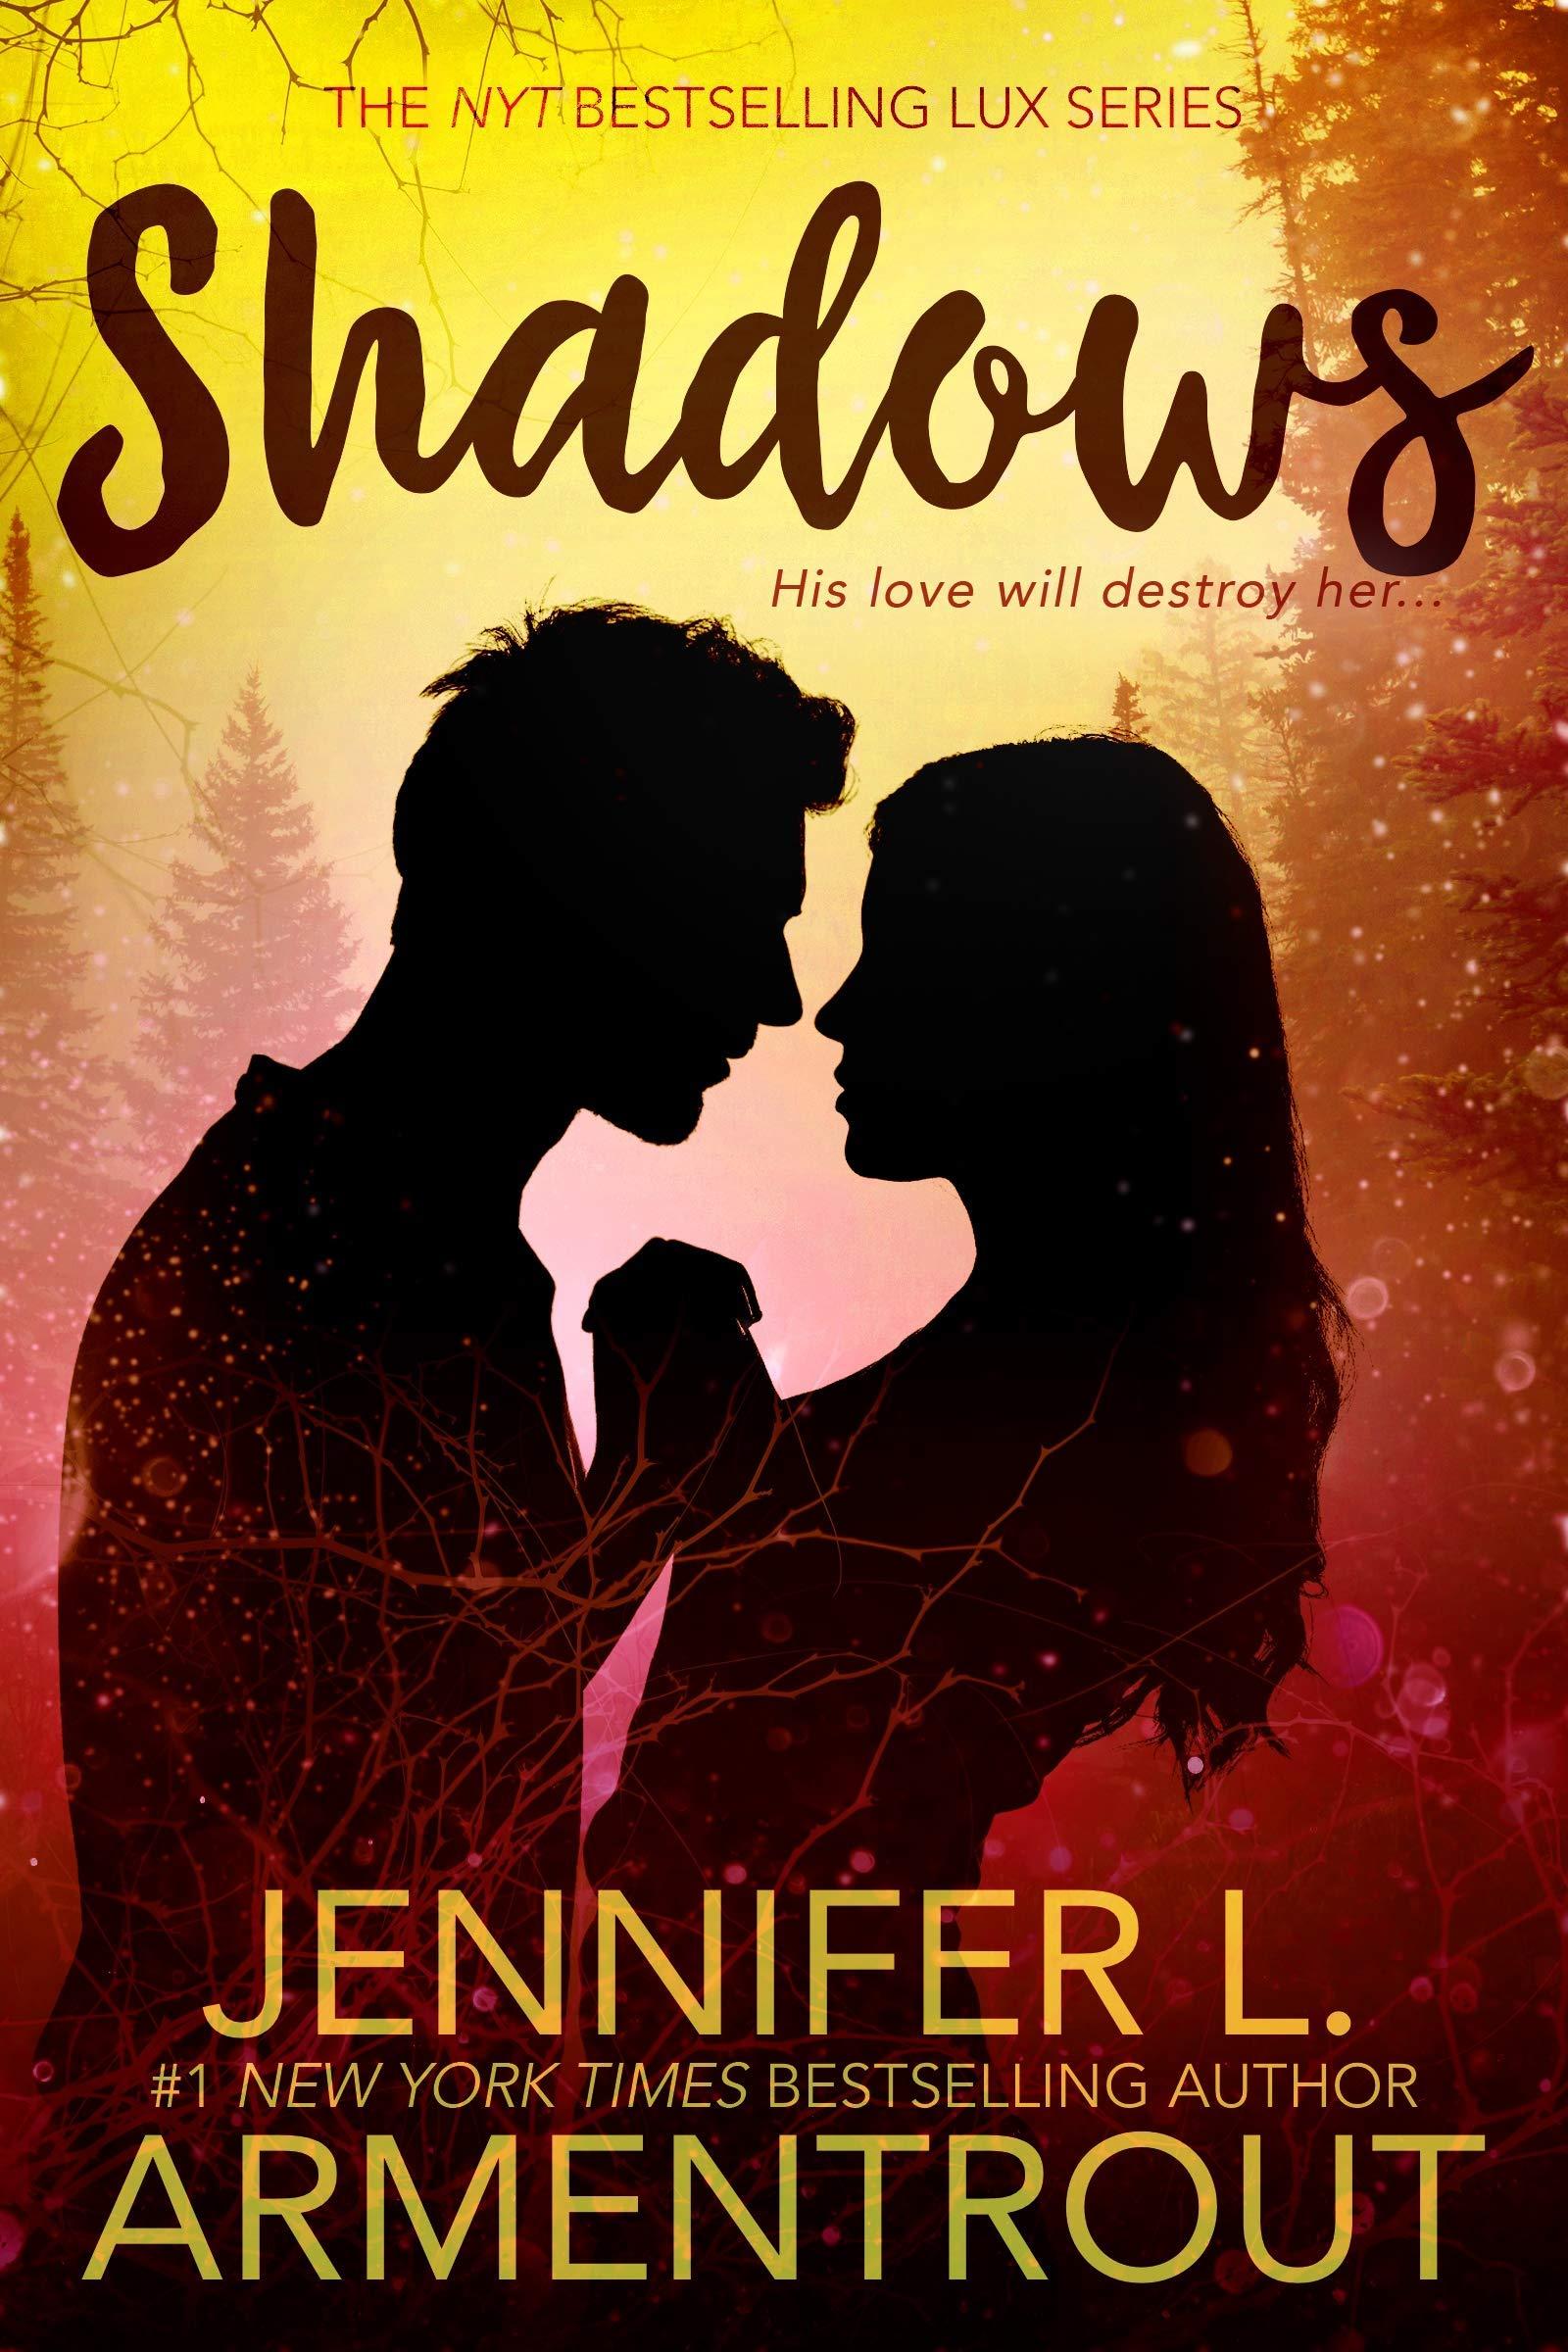 Amazon.com: Shadows (A Lux Novel) (9781633756939): Armentrout, Jennifer L.:  Books